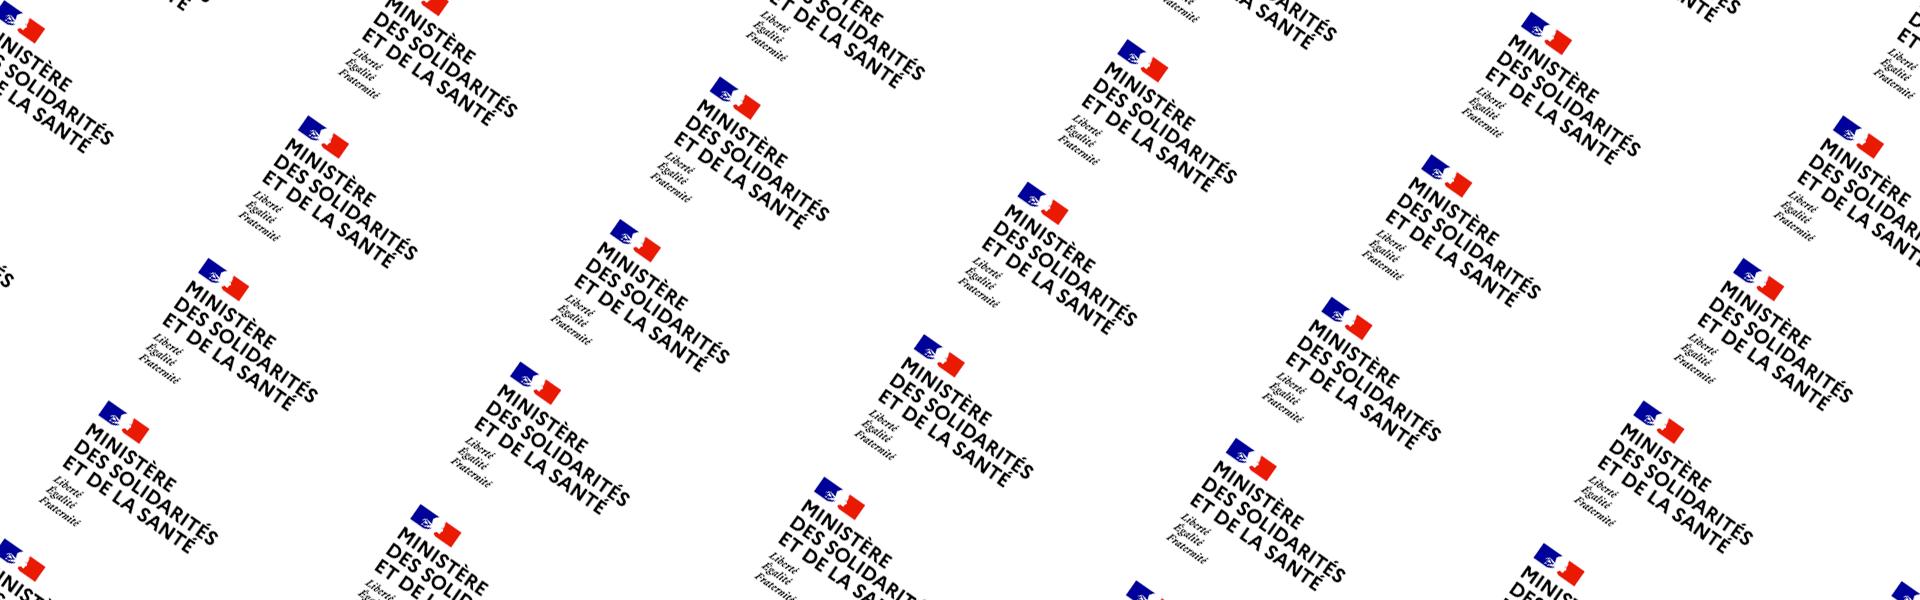 Ministère des Solidarités et de la Santé / projet Aqua-SISE-Décisionnel